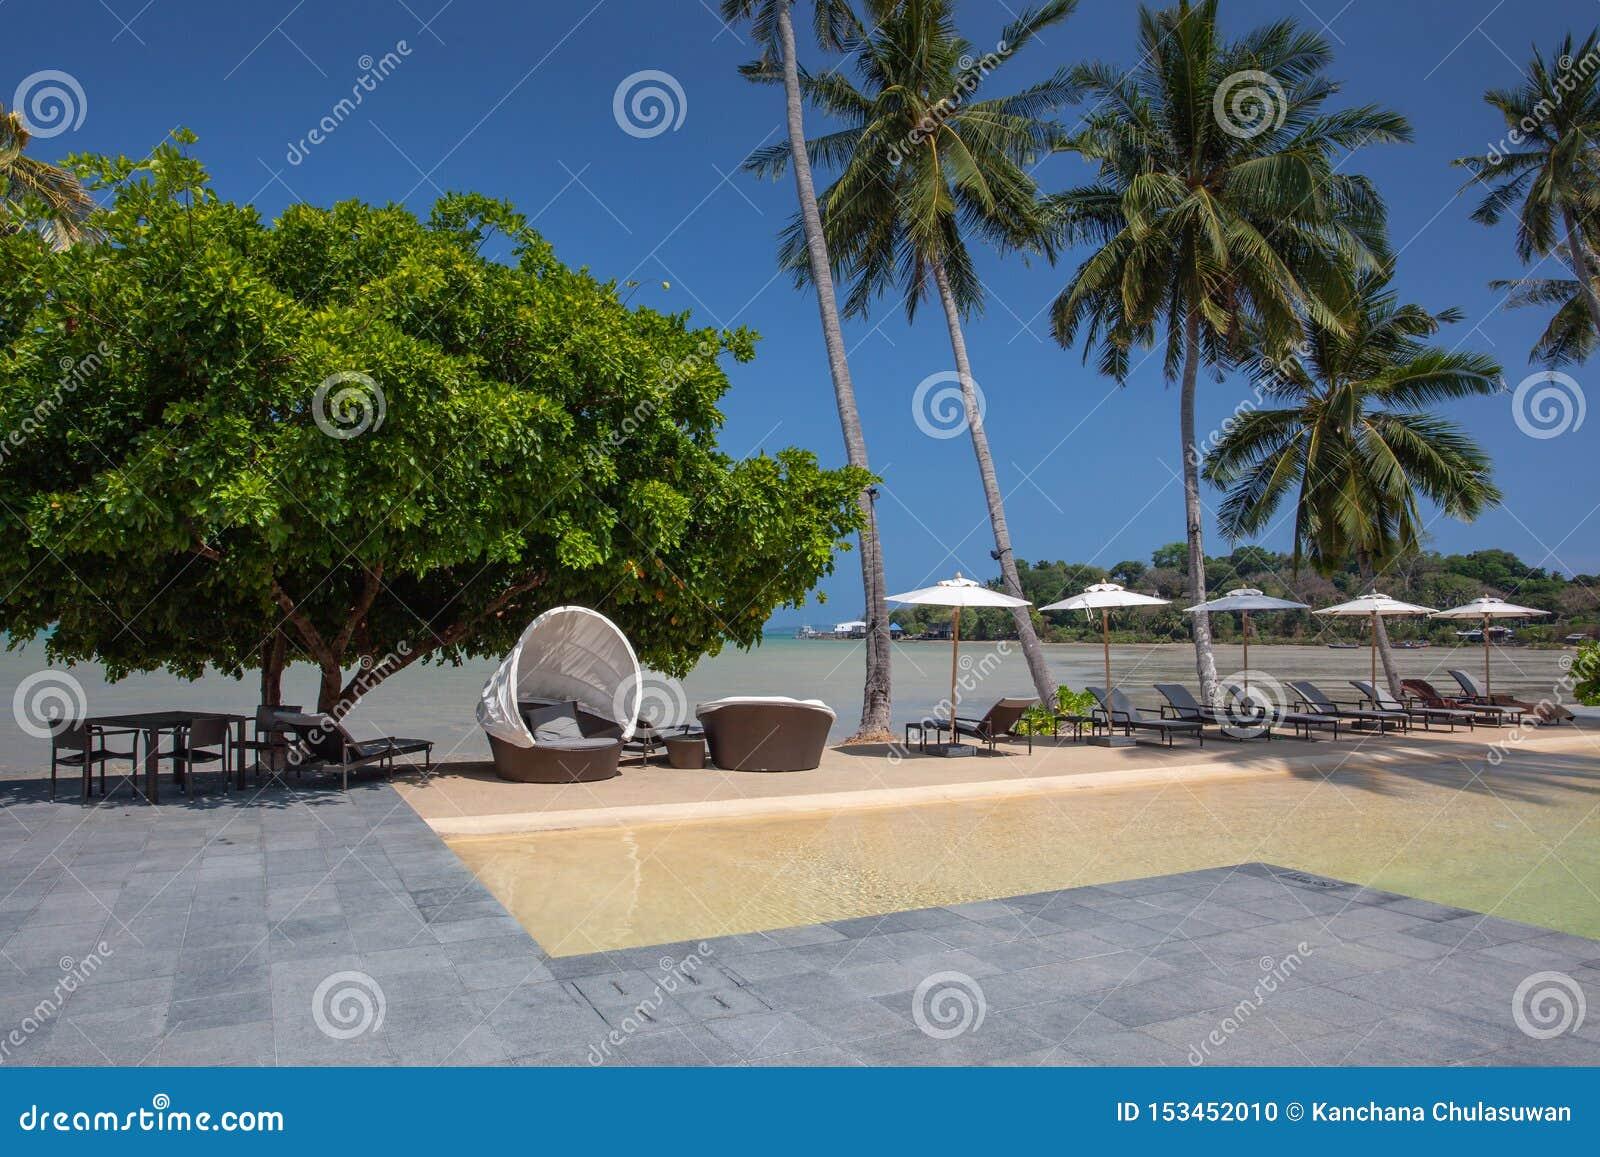 Plażowi wakacje, luksusowy basen z drzewkami palmowymi